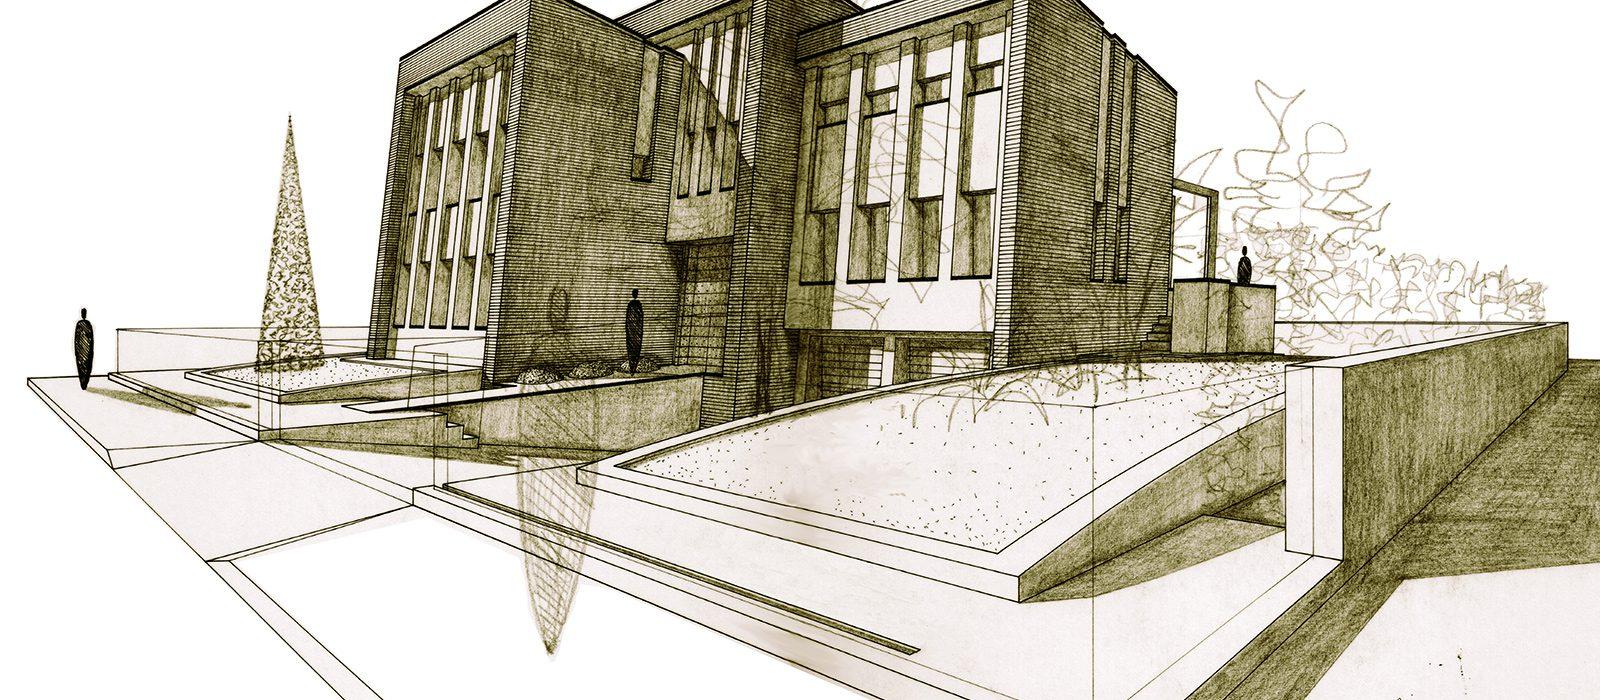 6_disegno_preparatorio_studio_giuseppe_passaro_architettura_progetto_beta